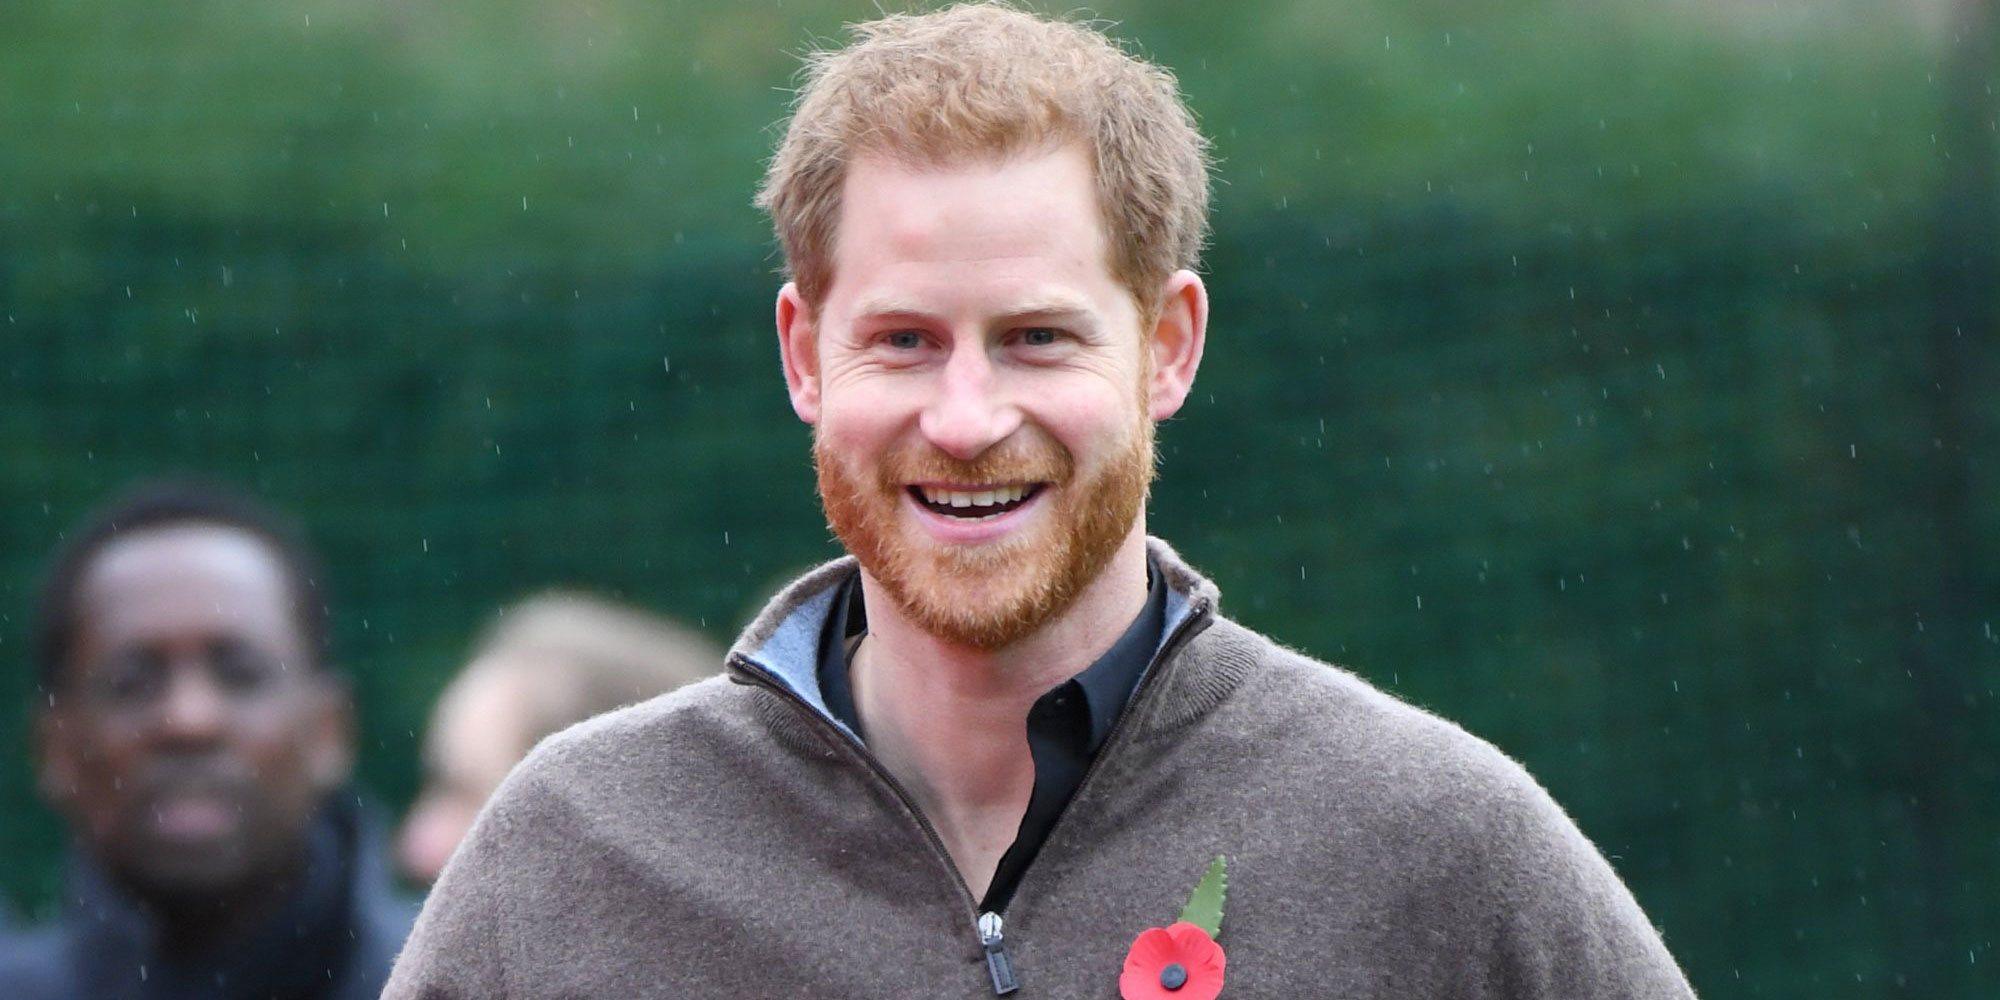 El primer proyecto confirmado del Príncipe Harry con Netflix que enlaza su vida pasada como royal con su presente y futuro